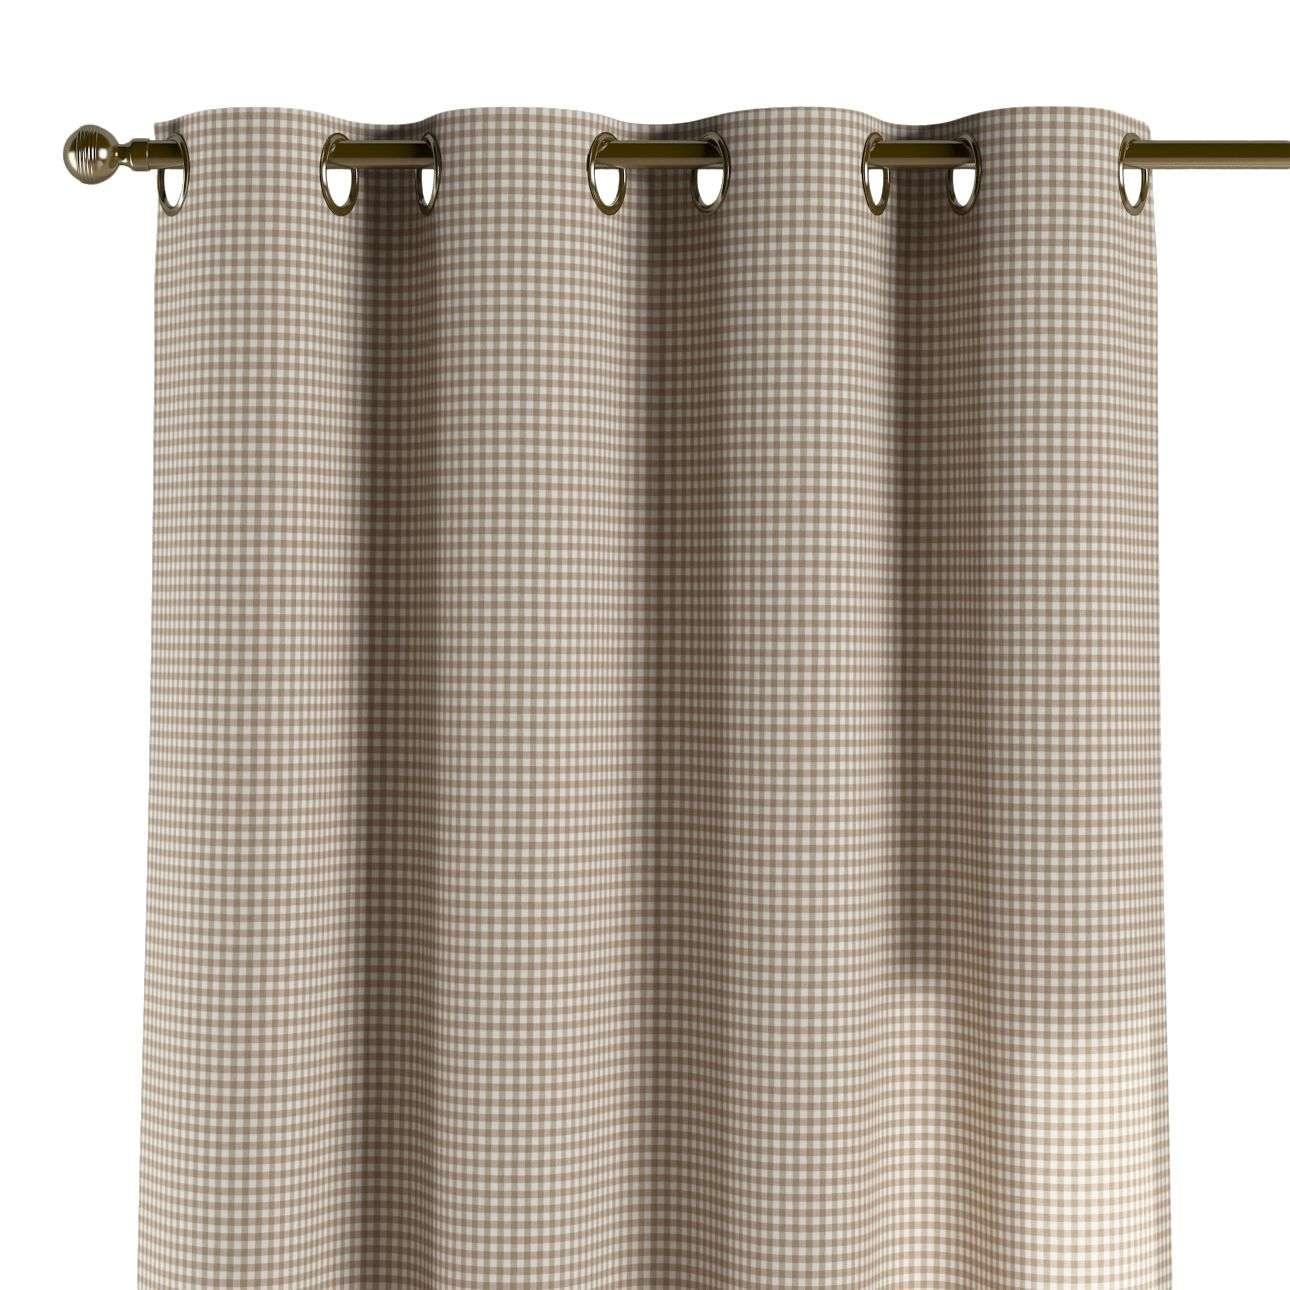 Žiedinio klostavimo užuolaidos 130 x 260 cm (plotis x ilgis) kolekcijoje Quadro, audinys: 136-05